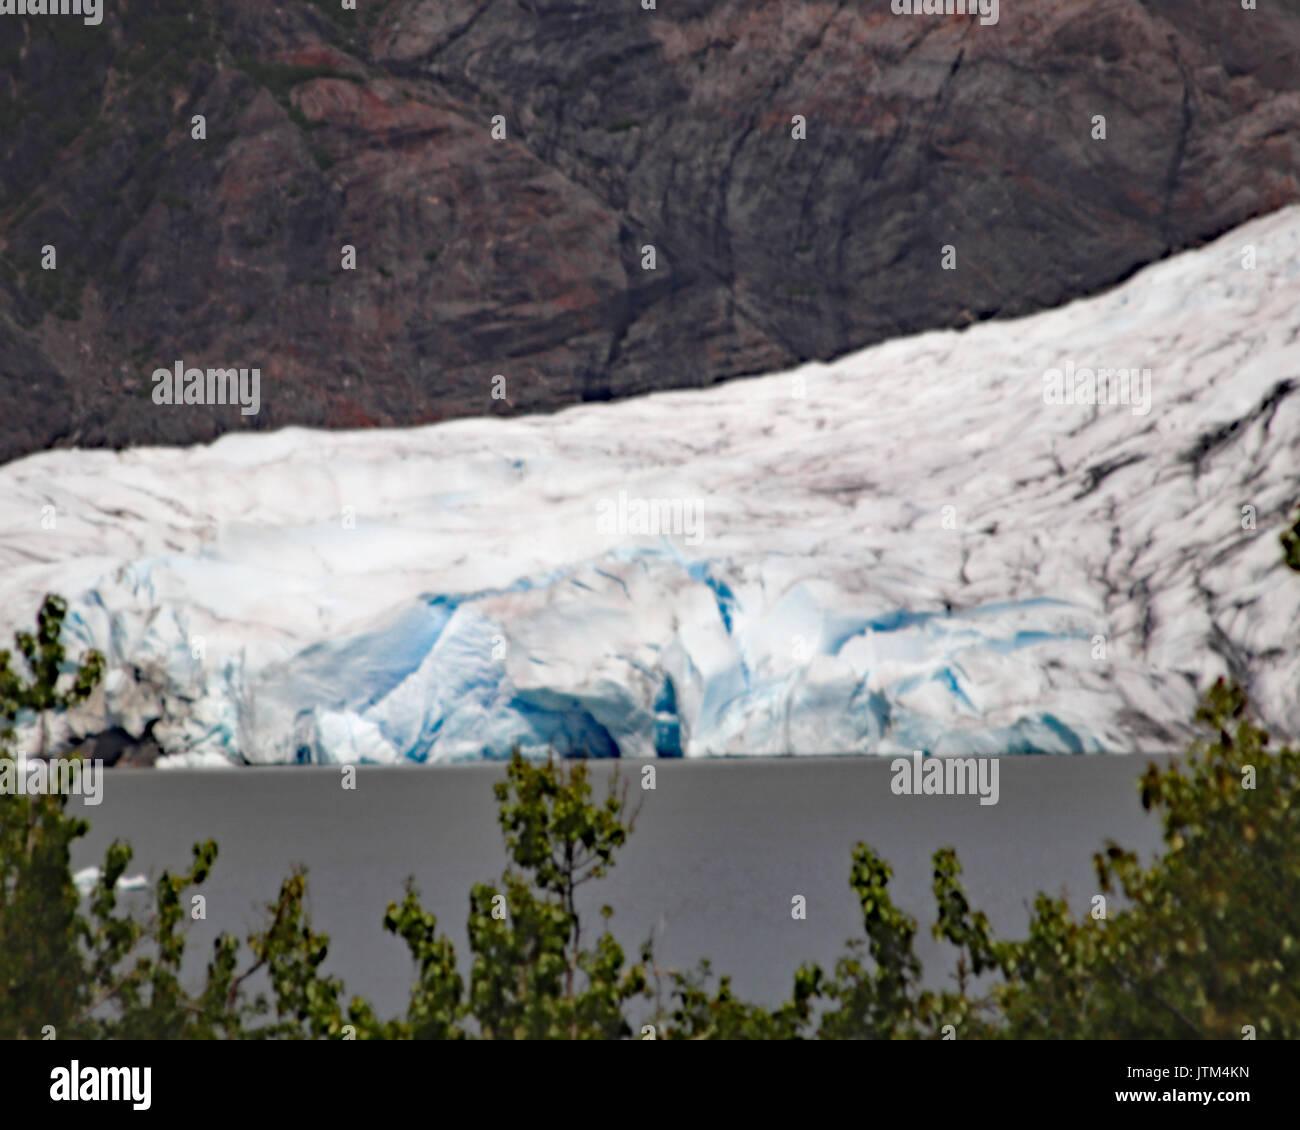 Closeup of Mendenhall Glacier at the edge of Mendenhall lake 2017 - Stock Image